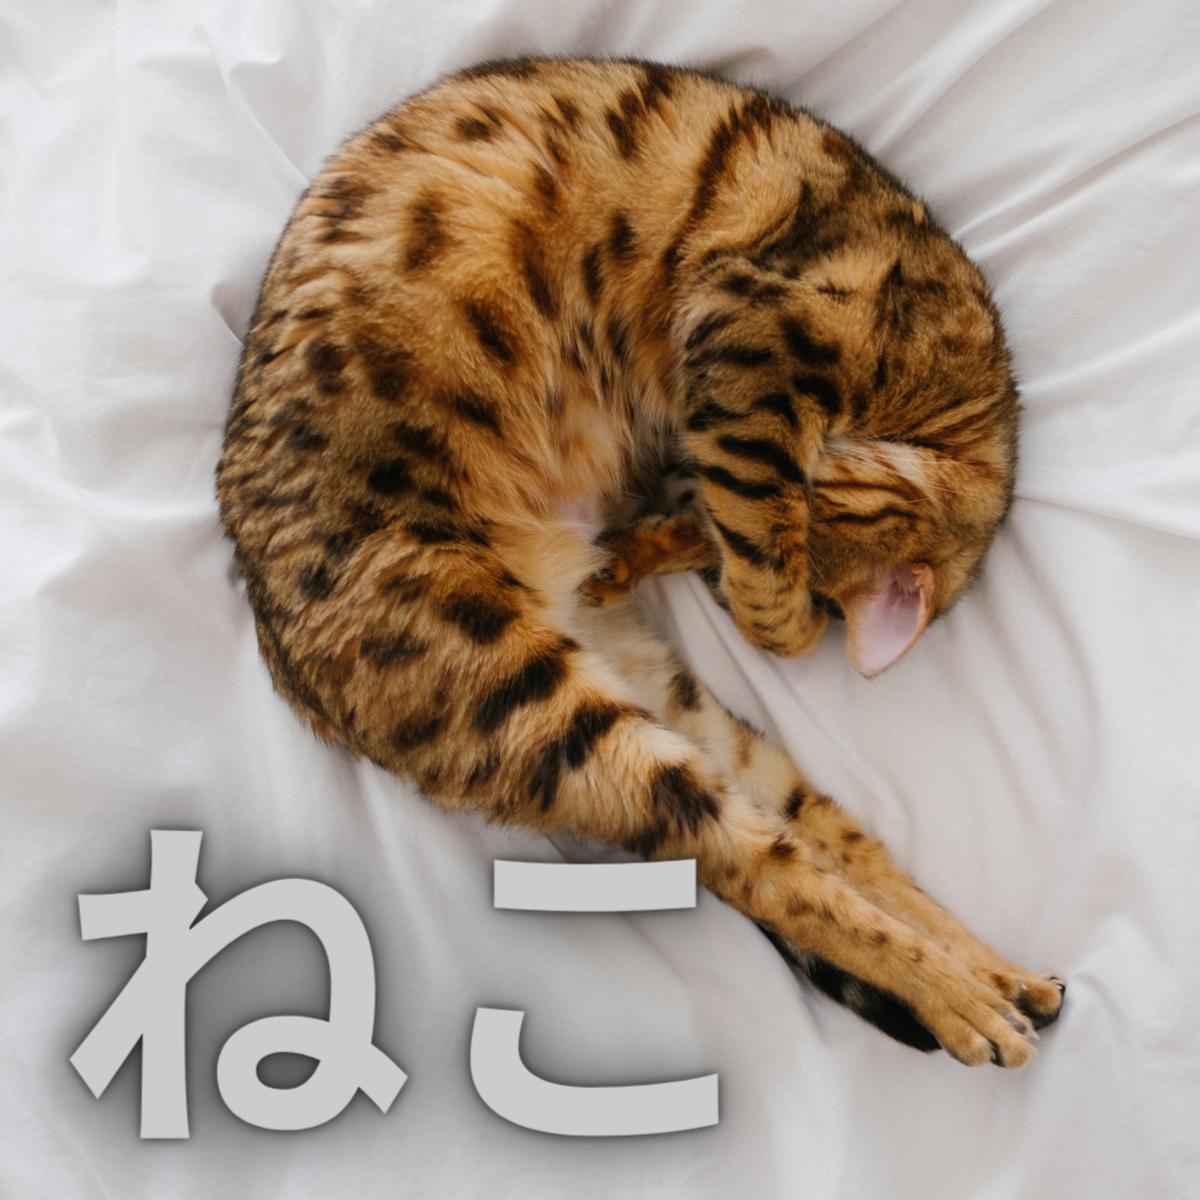 Neko or Cat